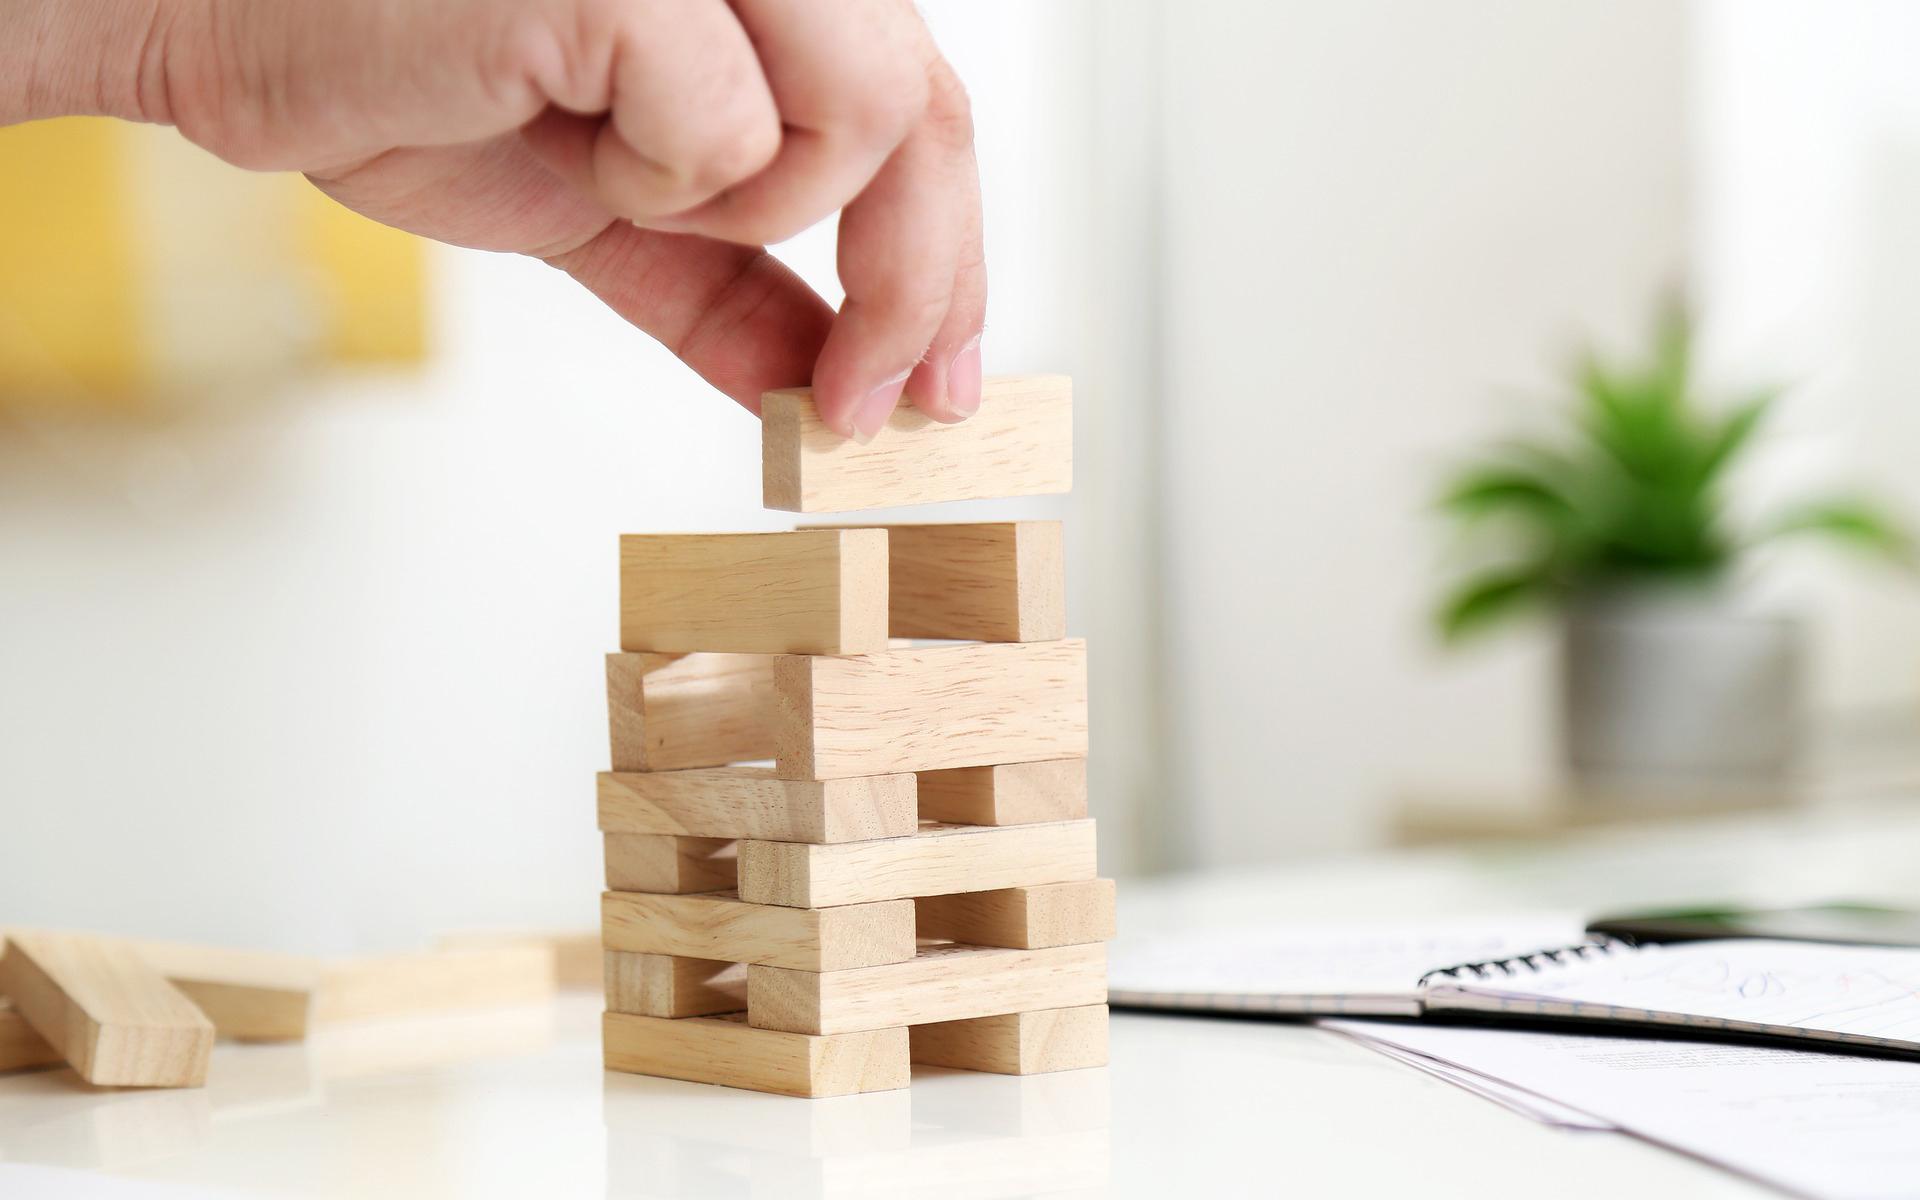 Construction d'une pyramide en blocs de bois